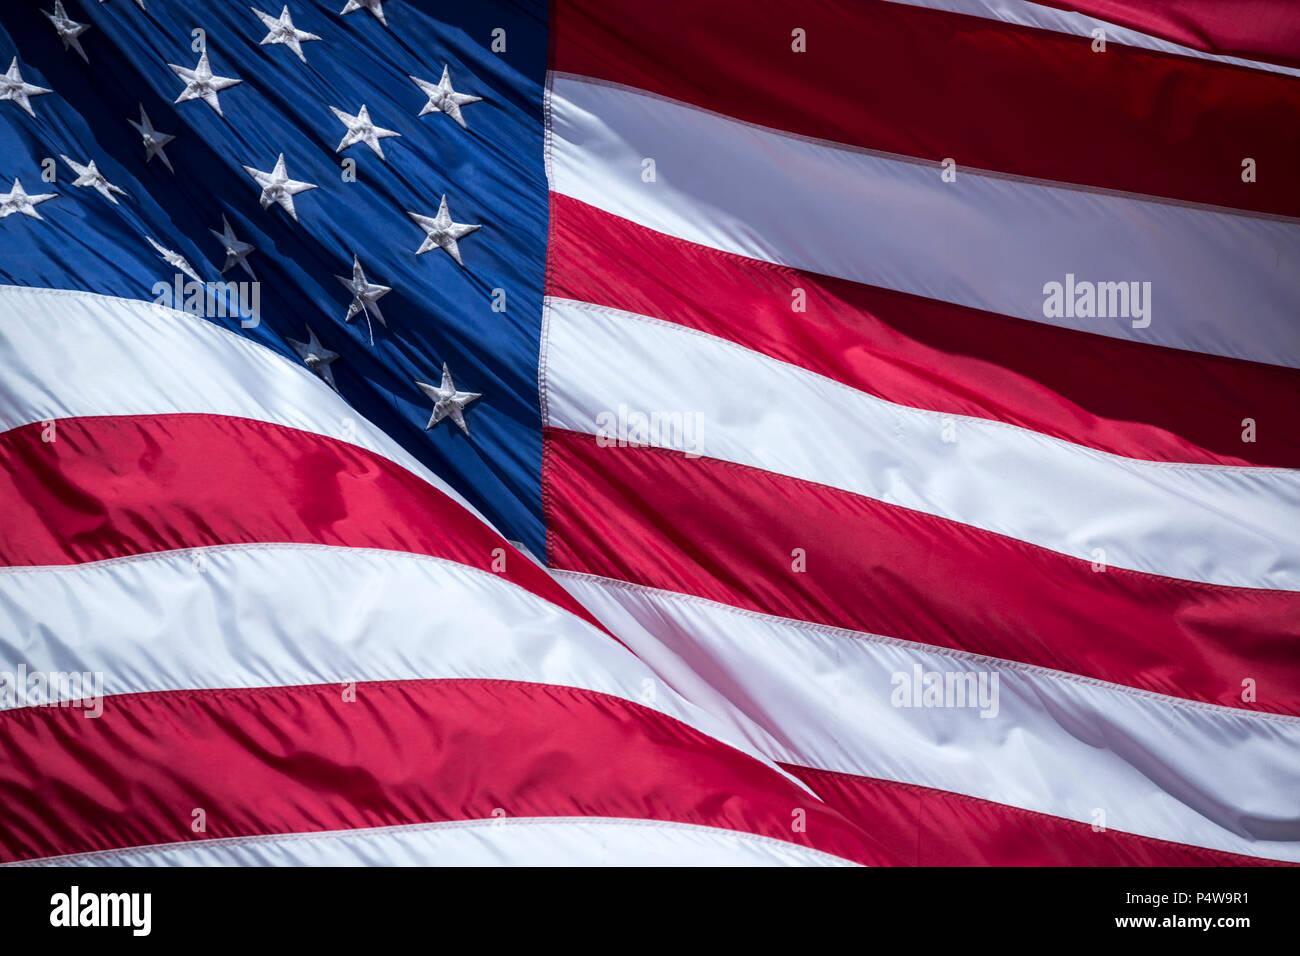 Kühlen, modernen Hintergrund, isolierte USA Flagge aus